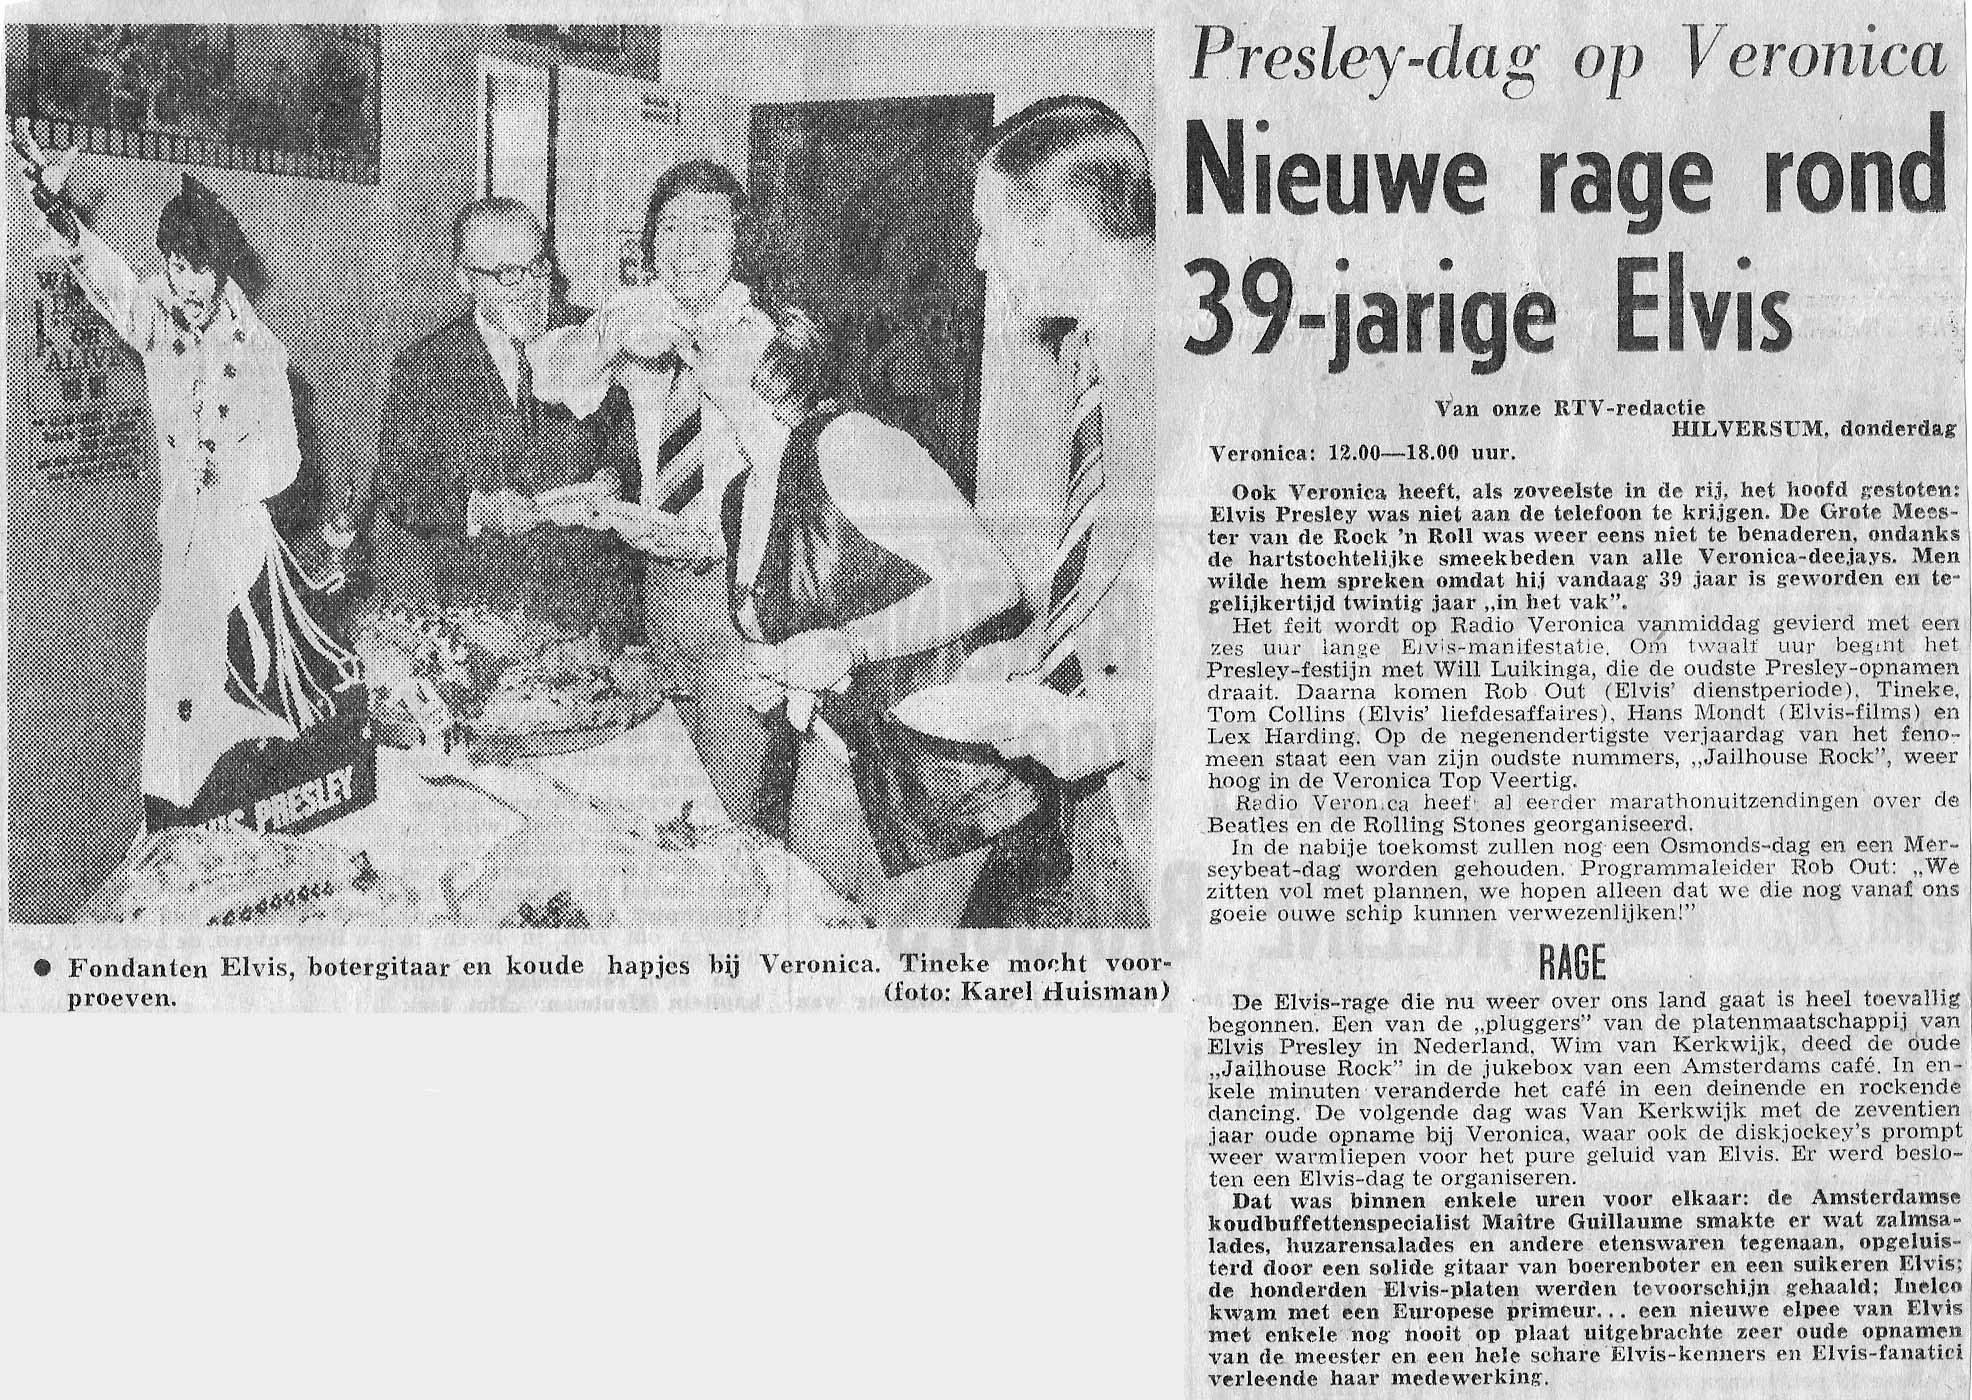 1974-01-08_Veronica_Telegraaf.jpg